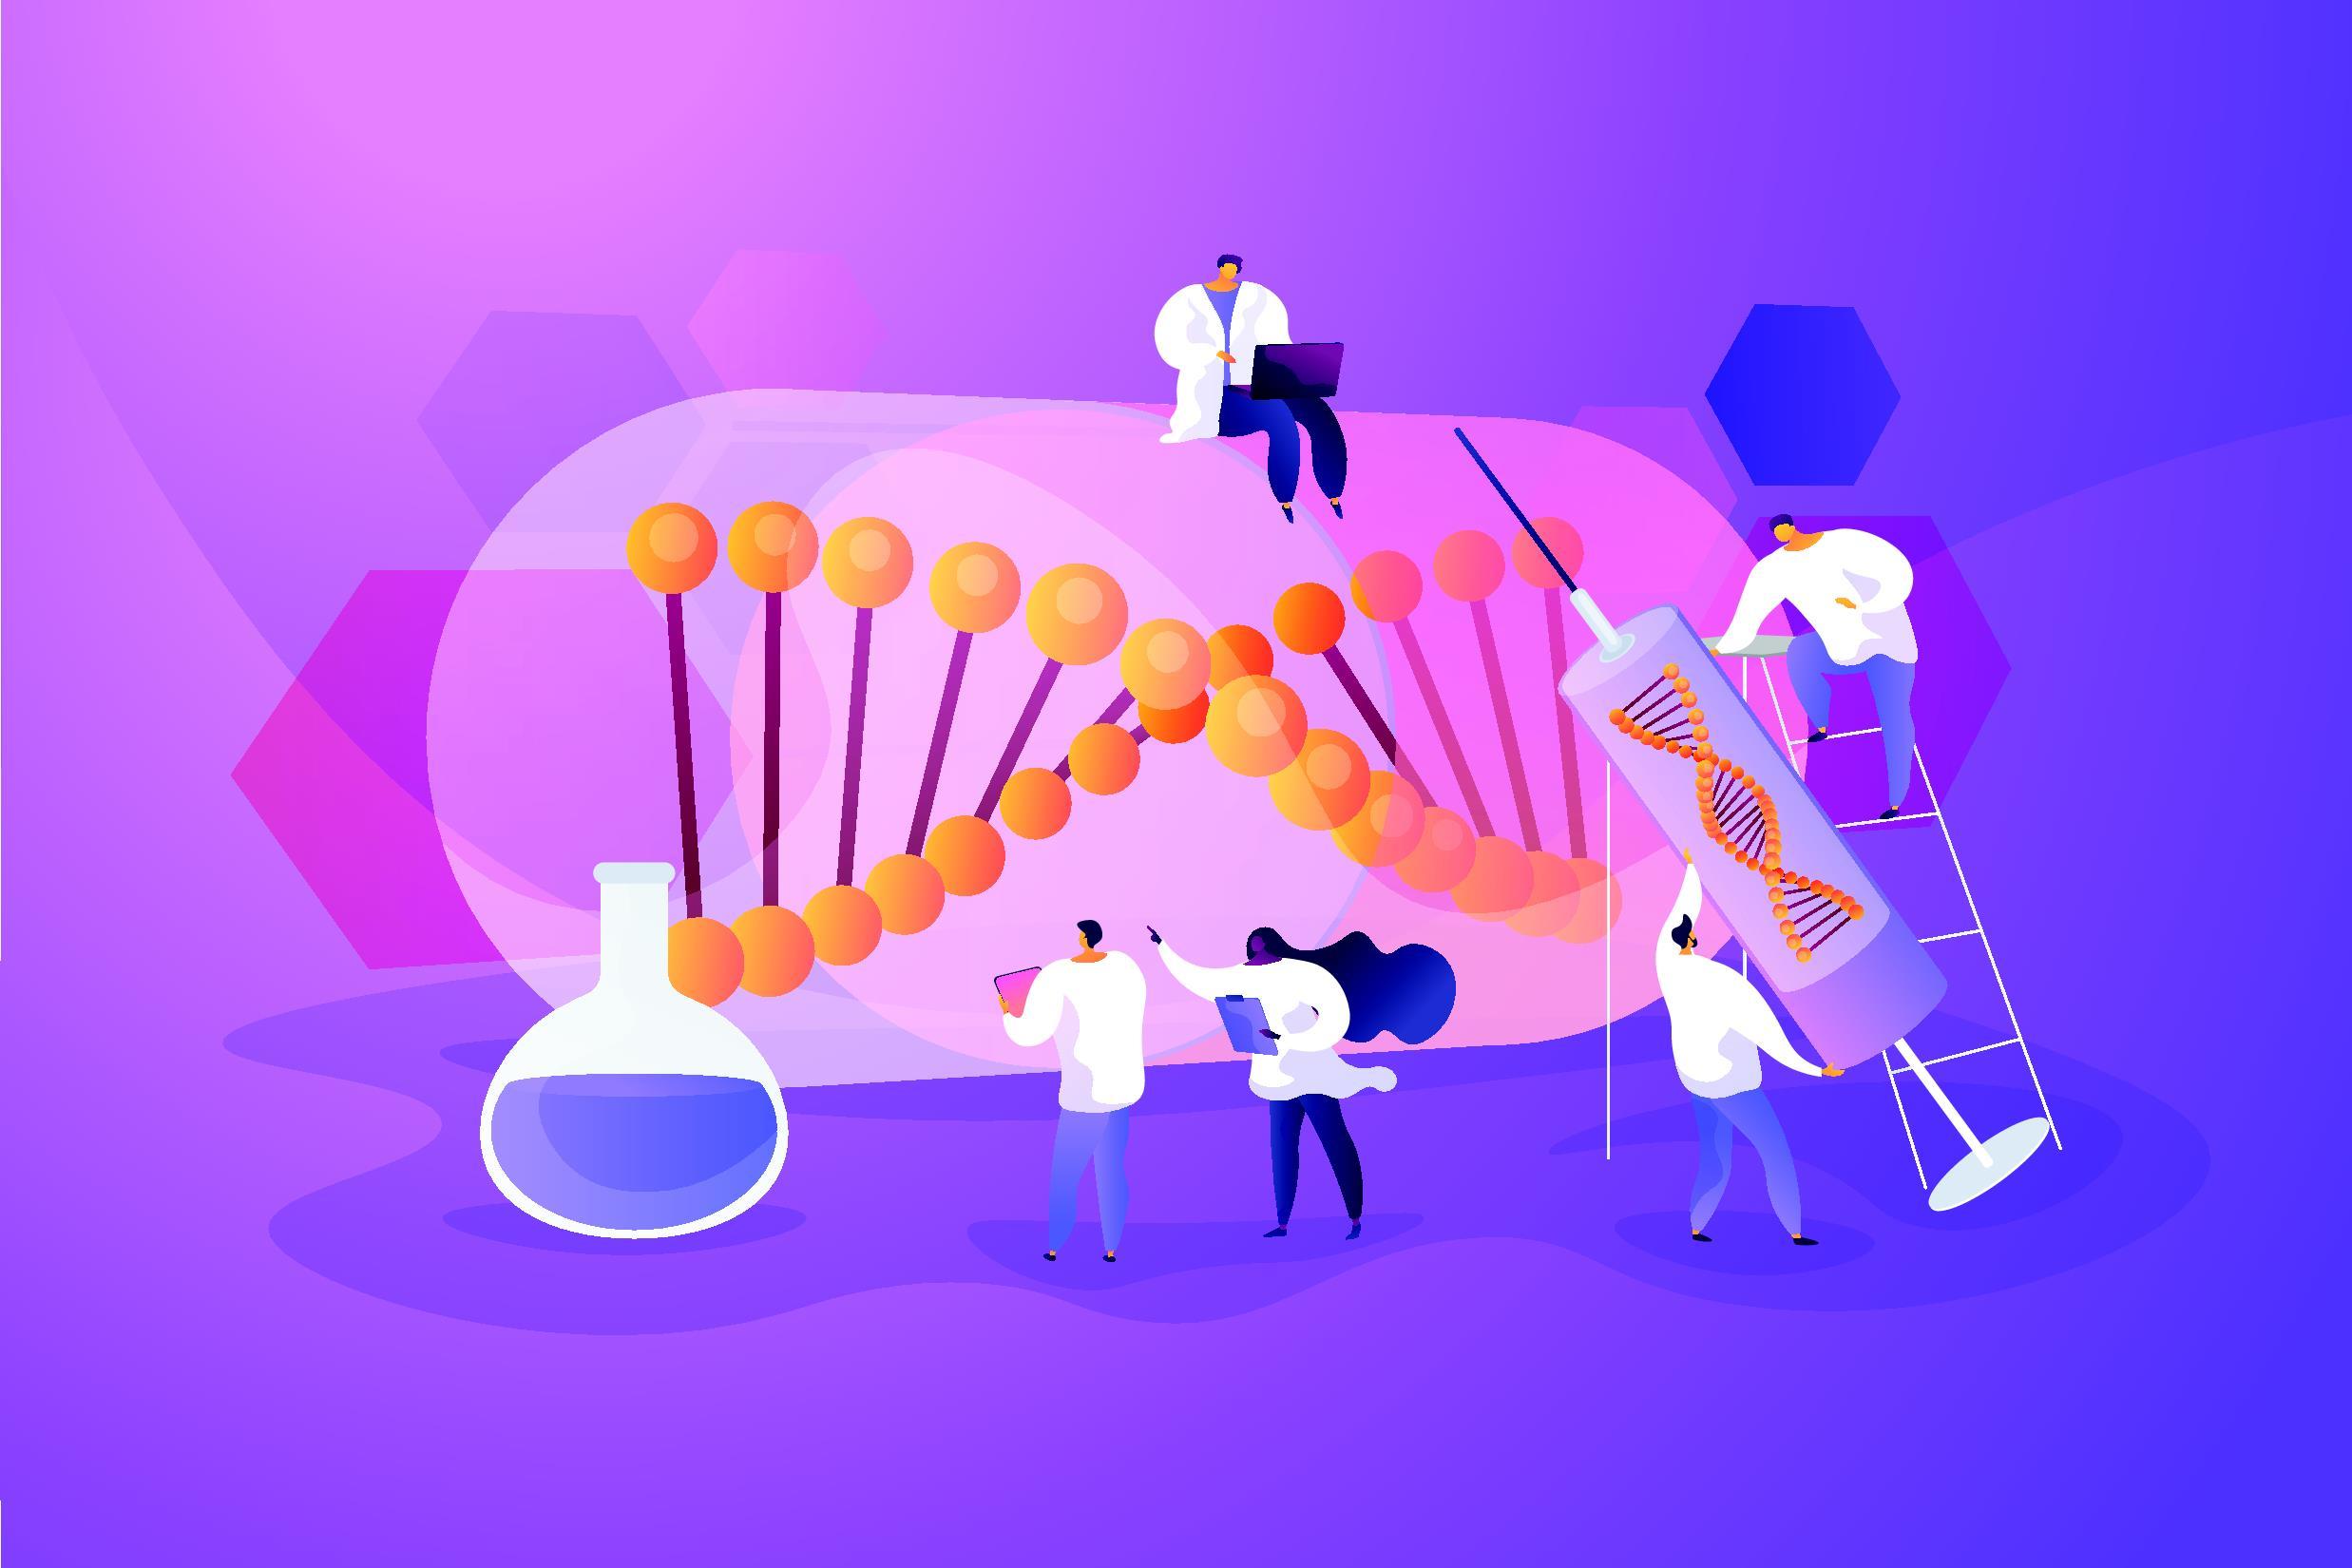 Γονιδιακή παραλλαγή μελέτη: Νέο εργαλείο διευκολύνει συμμετοχή ατόμων διαφορετικής καταγωγής